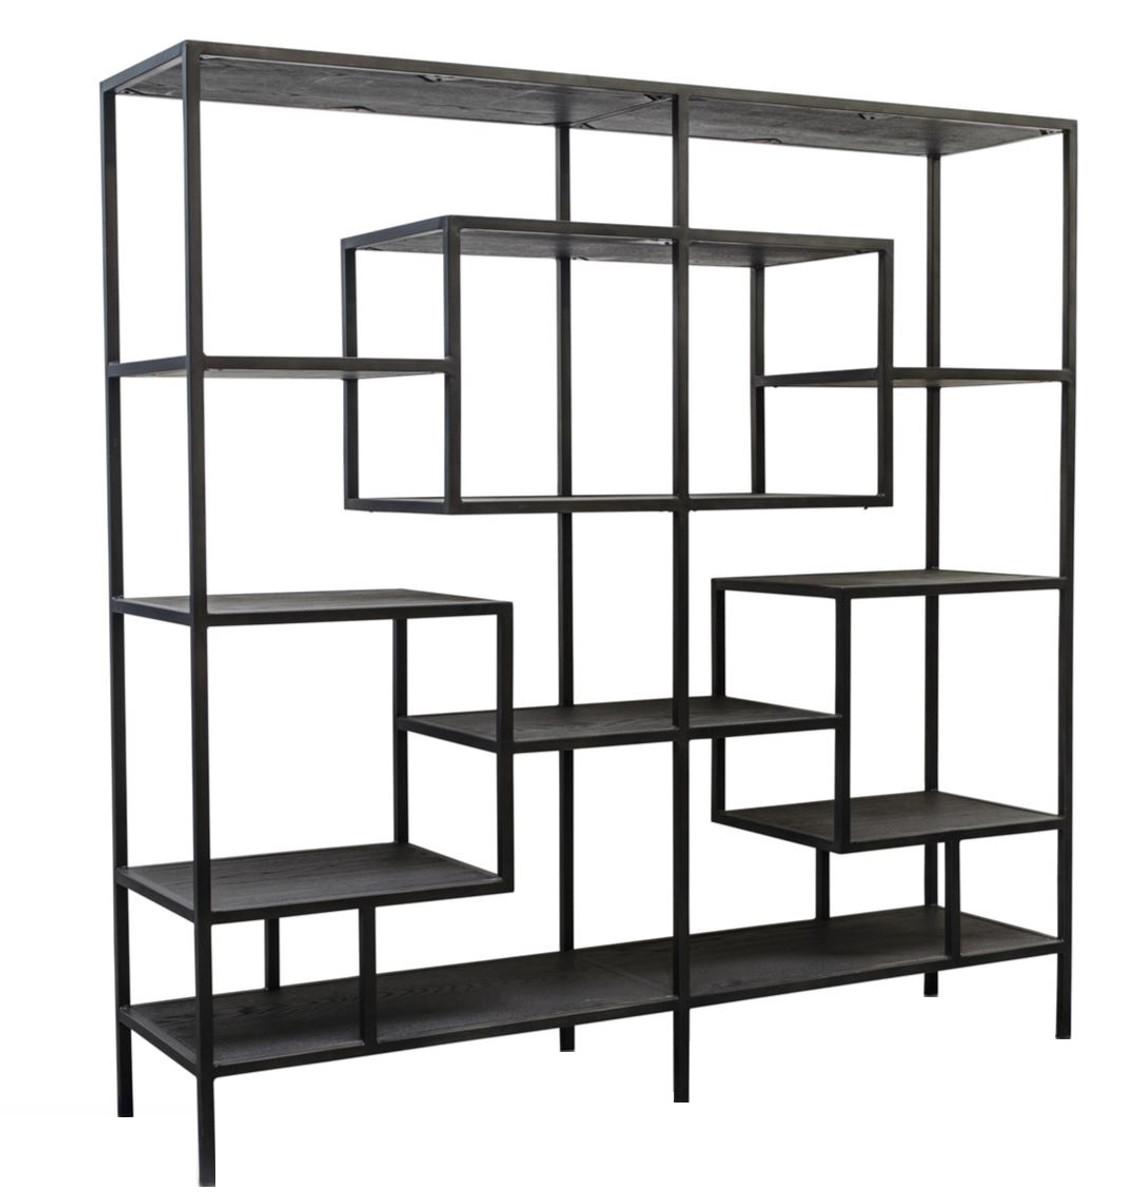 Casa padrino designer regalschrank schwarz 160 x 40 x h 160 cm luxus wohnzimmerschrank - Wohnzimmerschrank schwarz ...